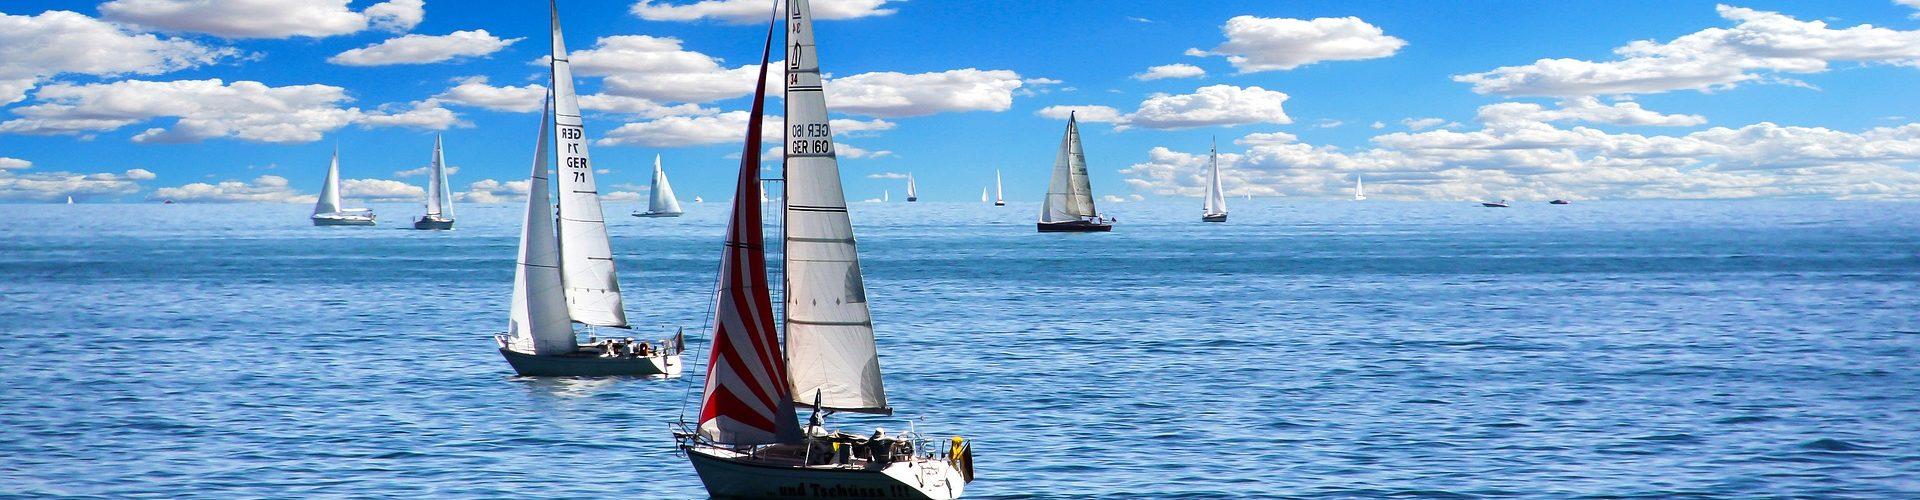 segeln lernen in Jena segelschein machen in Jena 1920x500 - Segeln lernen in Jena